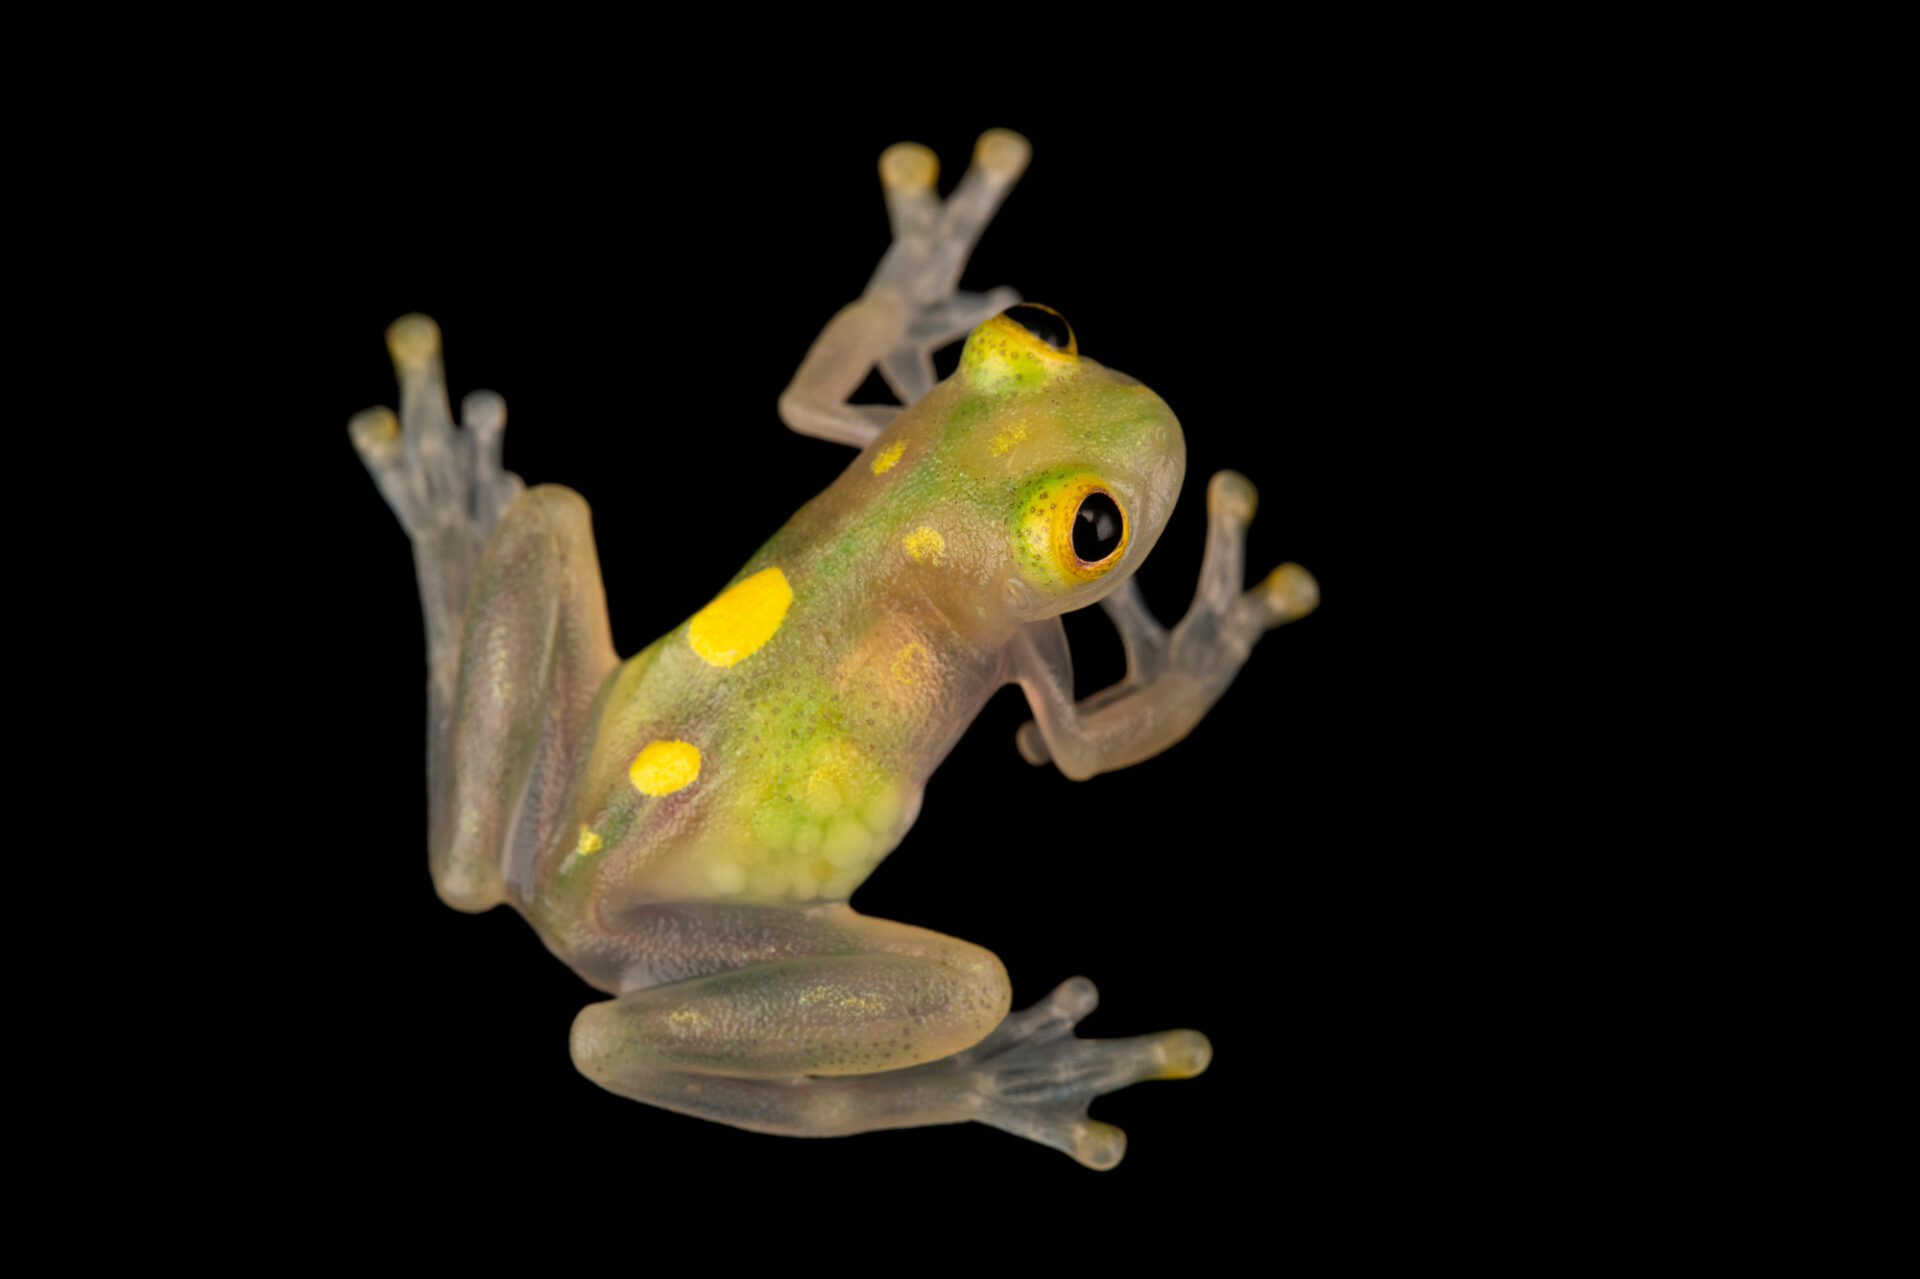 Photo: A sun glass frog (Hyalinobatrachium aureoguttatum) at Centro Jambatu in Quito, Ecuador.